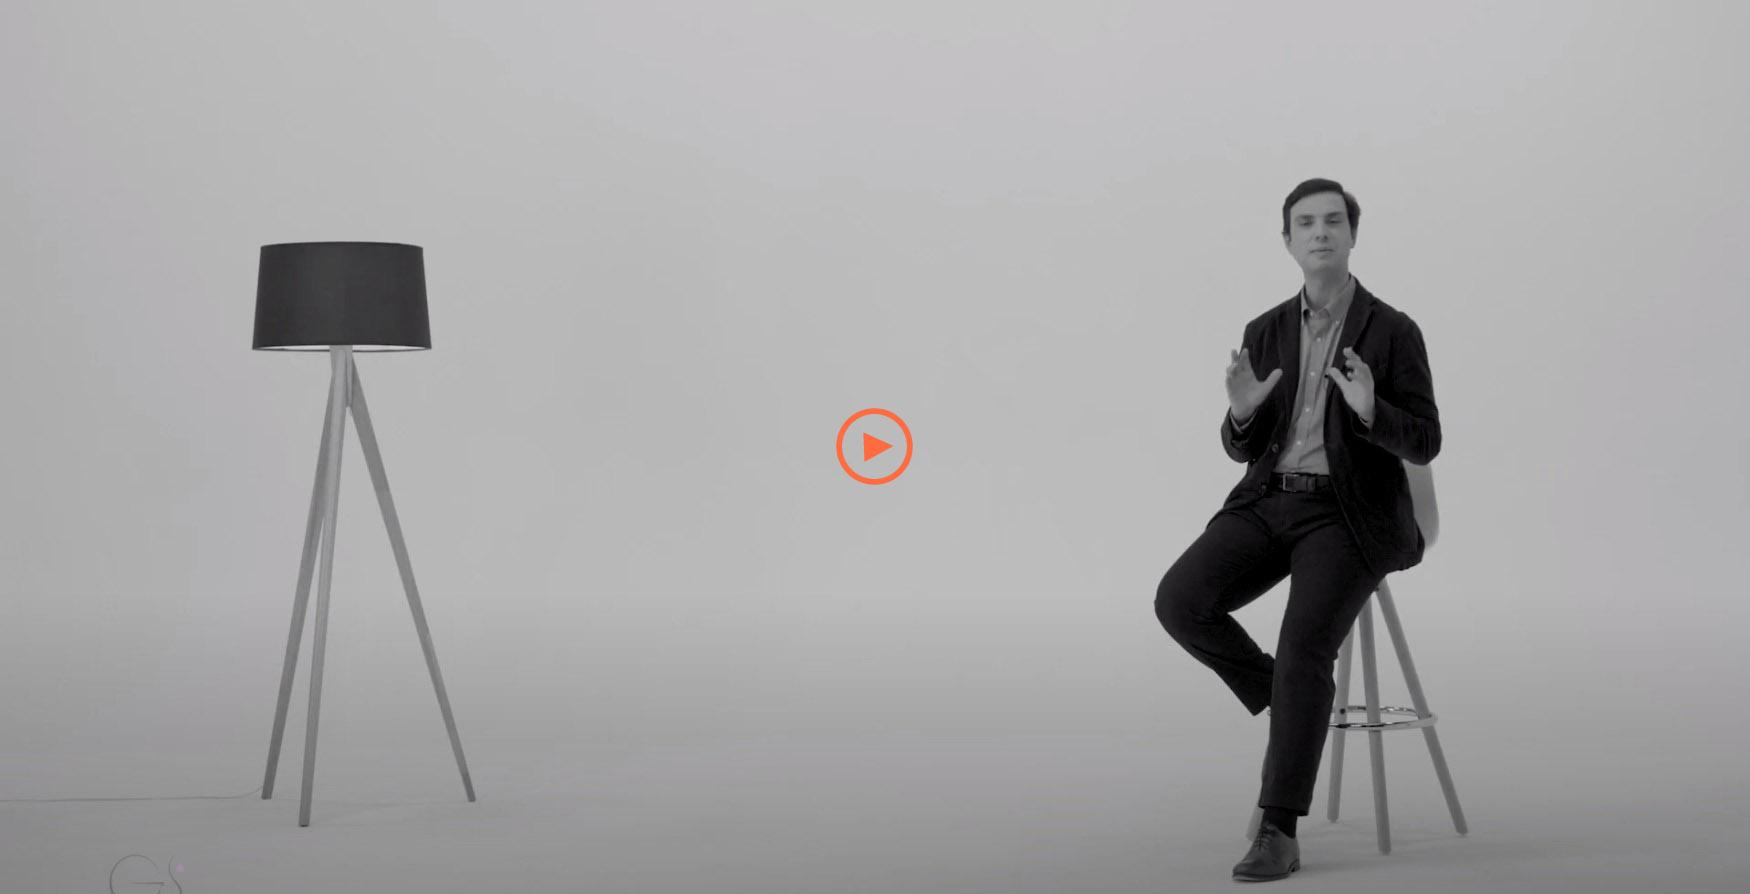 conoce las ventajas del aumento de pecho con nuestra técnica cenon este video